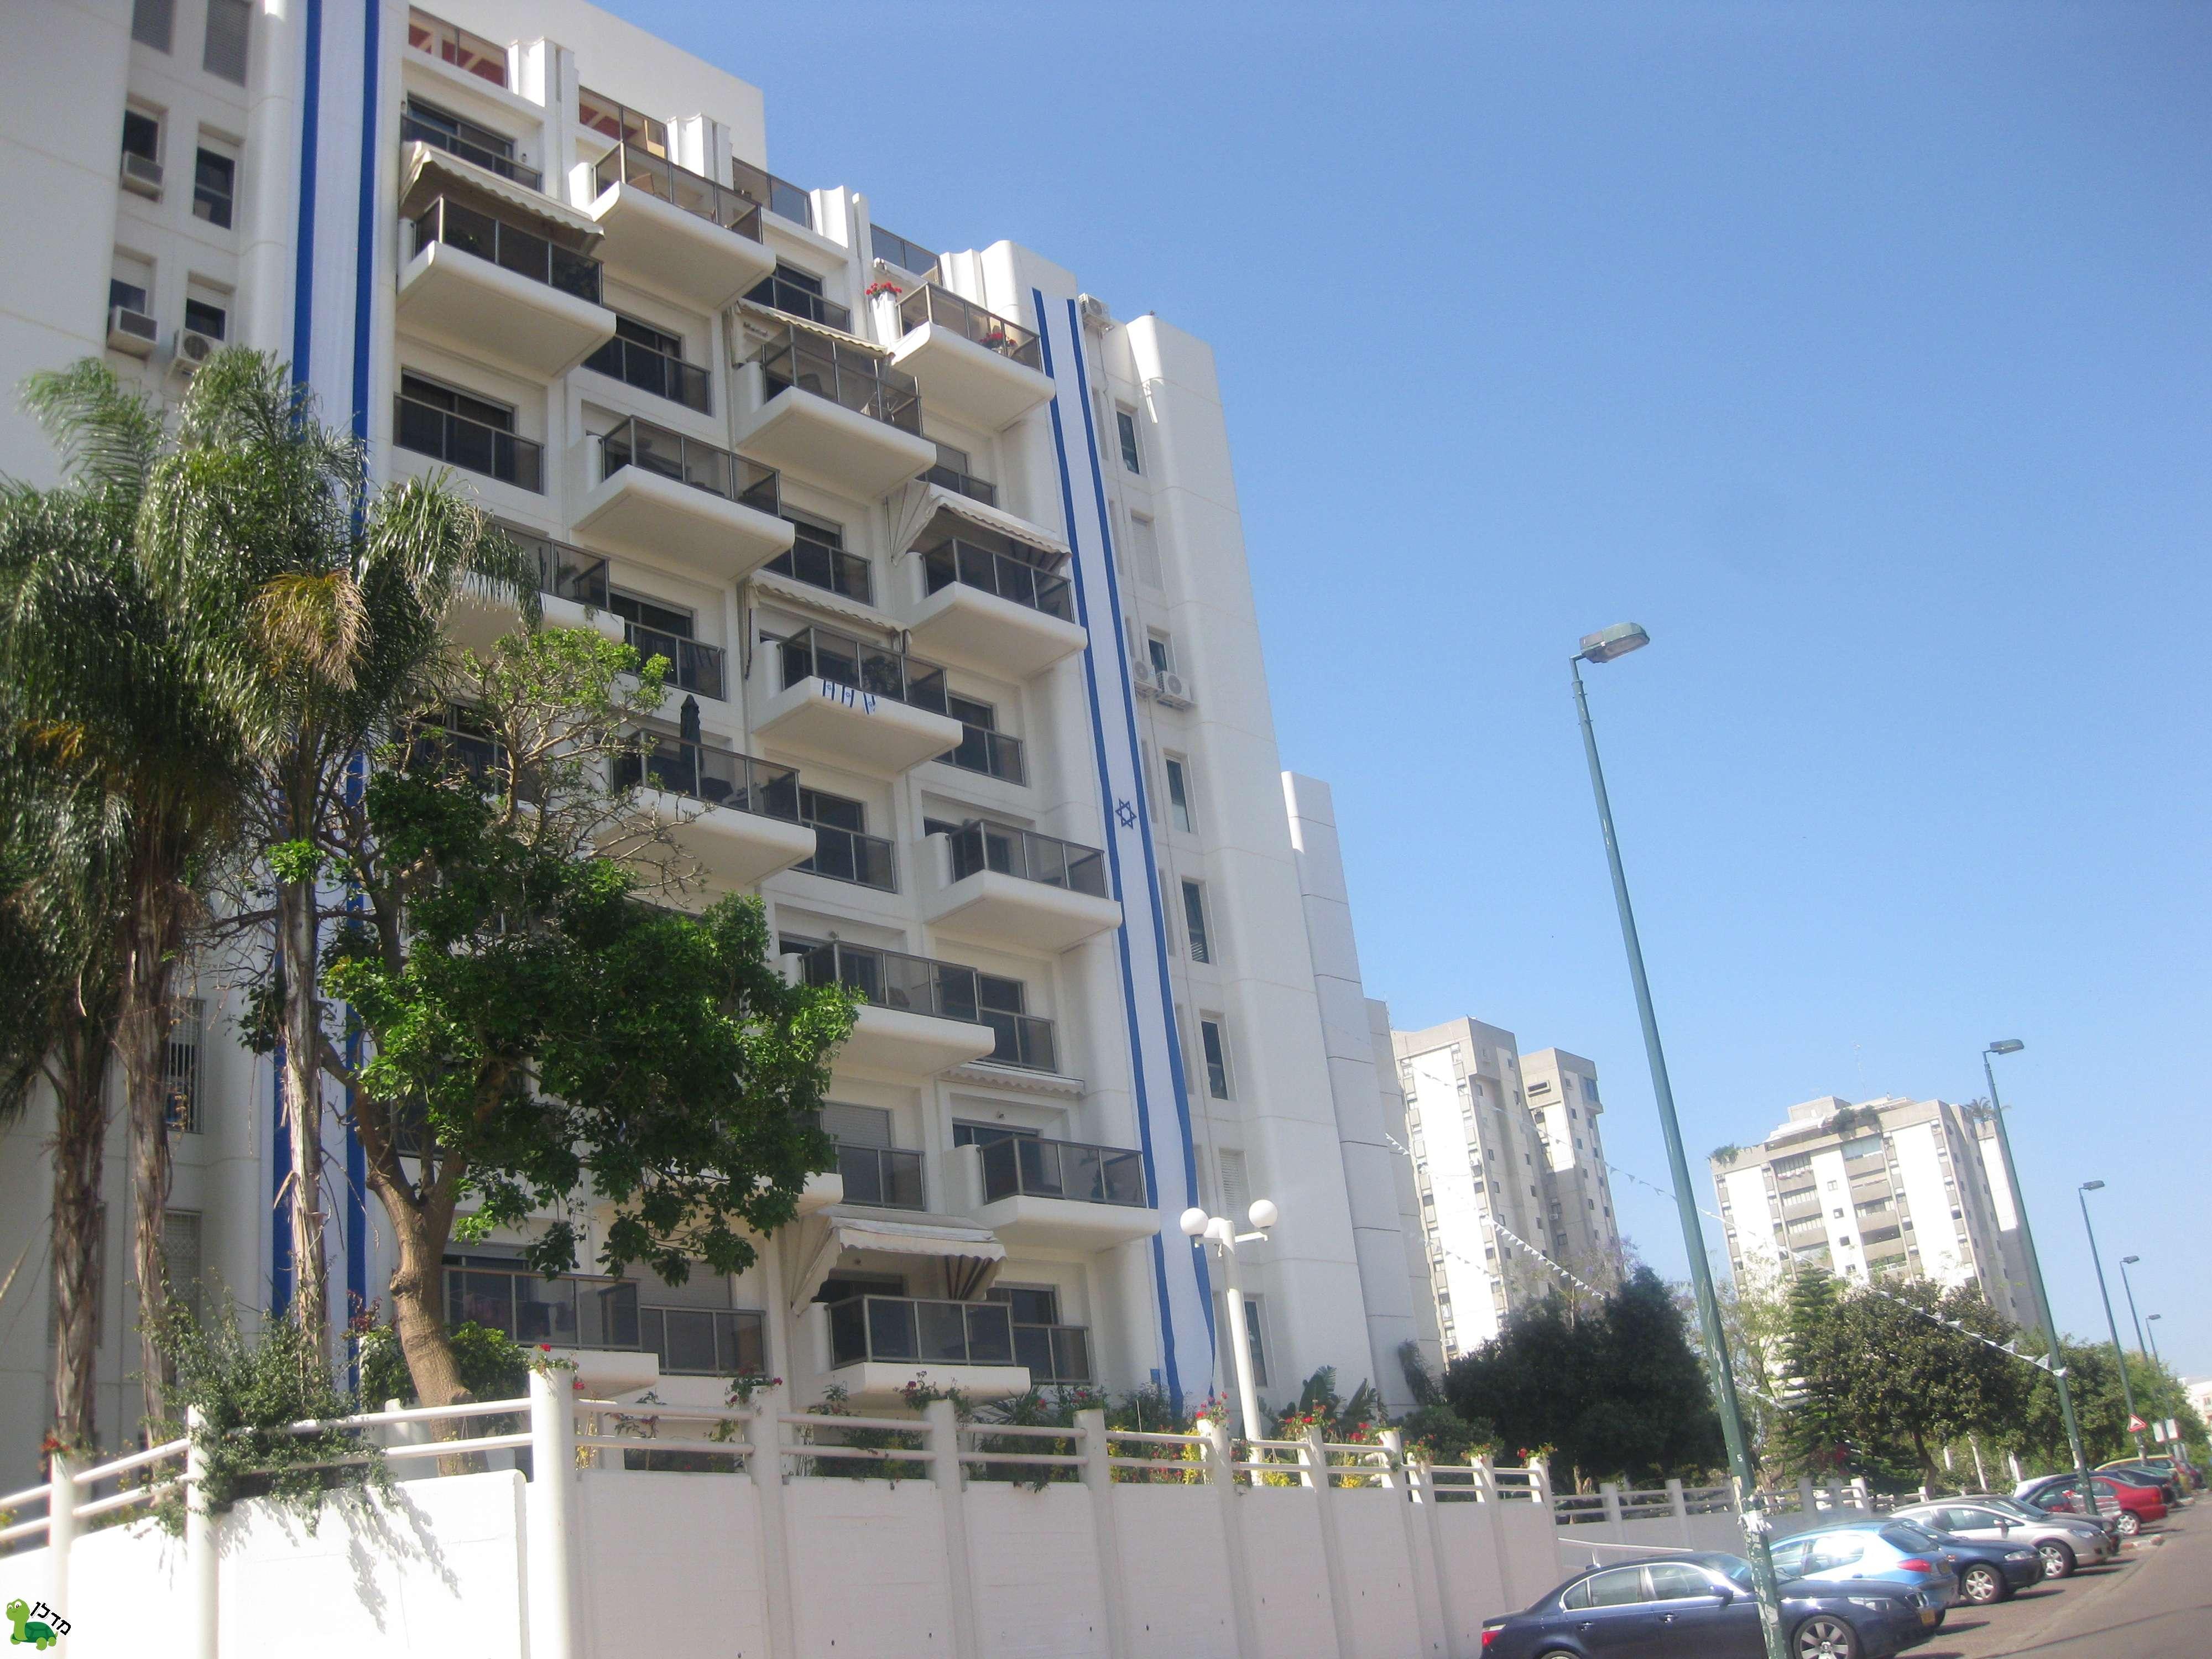 כולם חדשים דירות להשכרה ברמת אביב ג, תל אביב יפו - 22 דירות באזור BZ-75